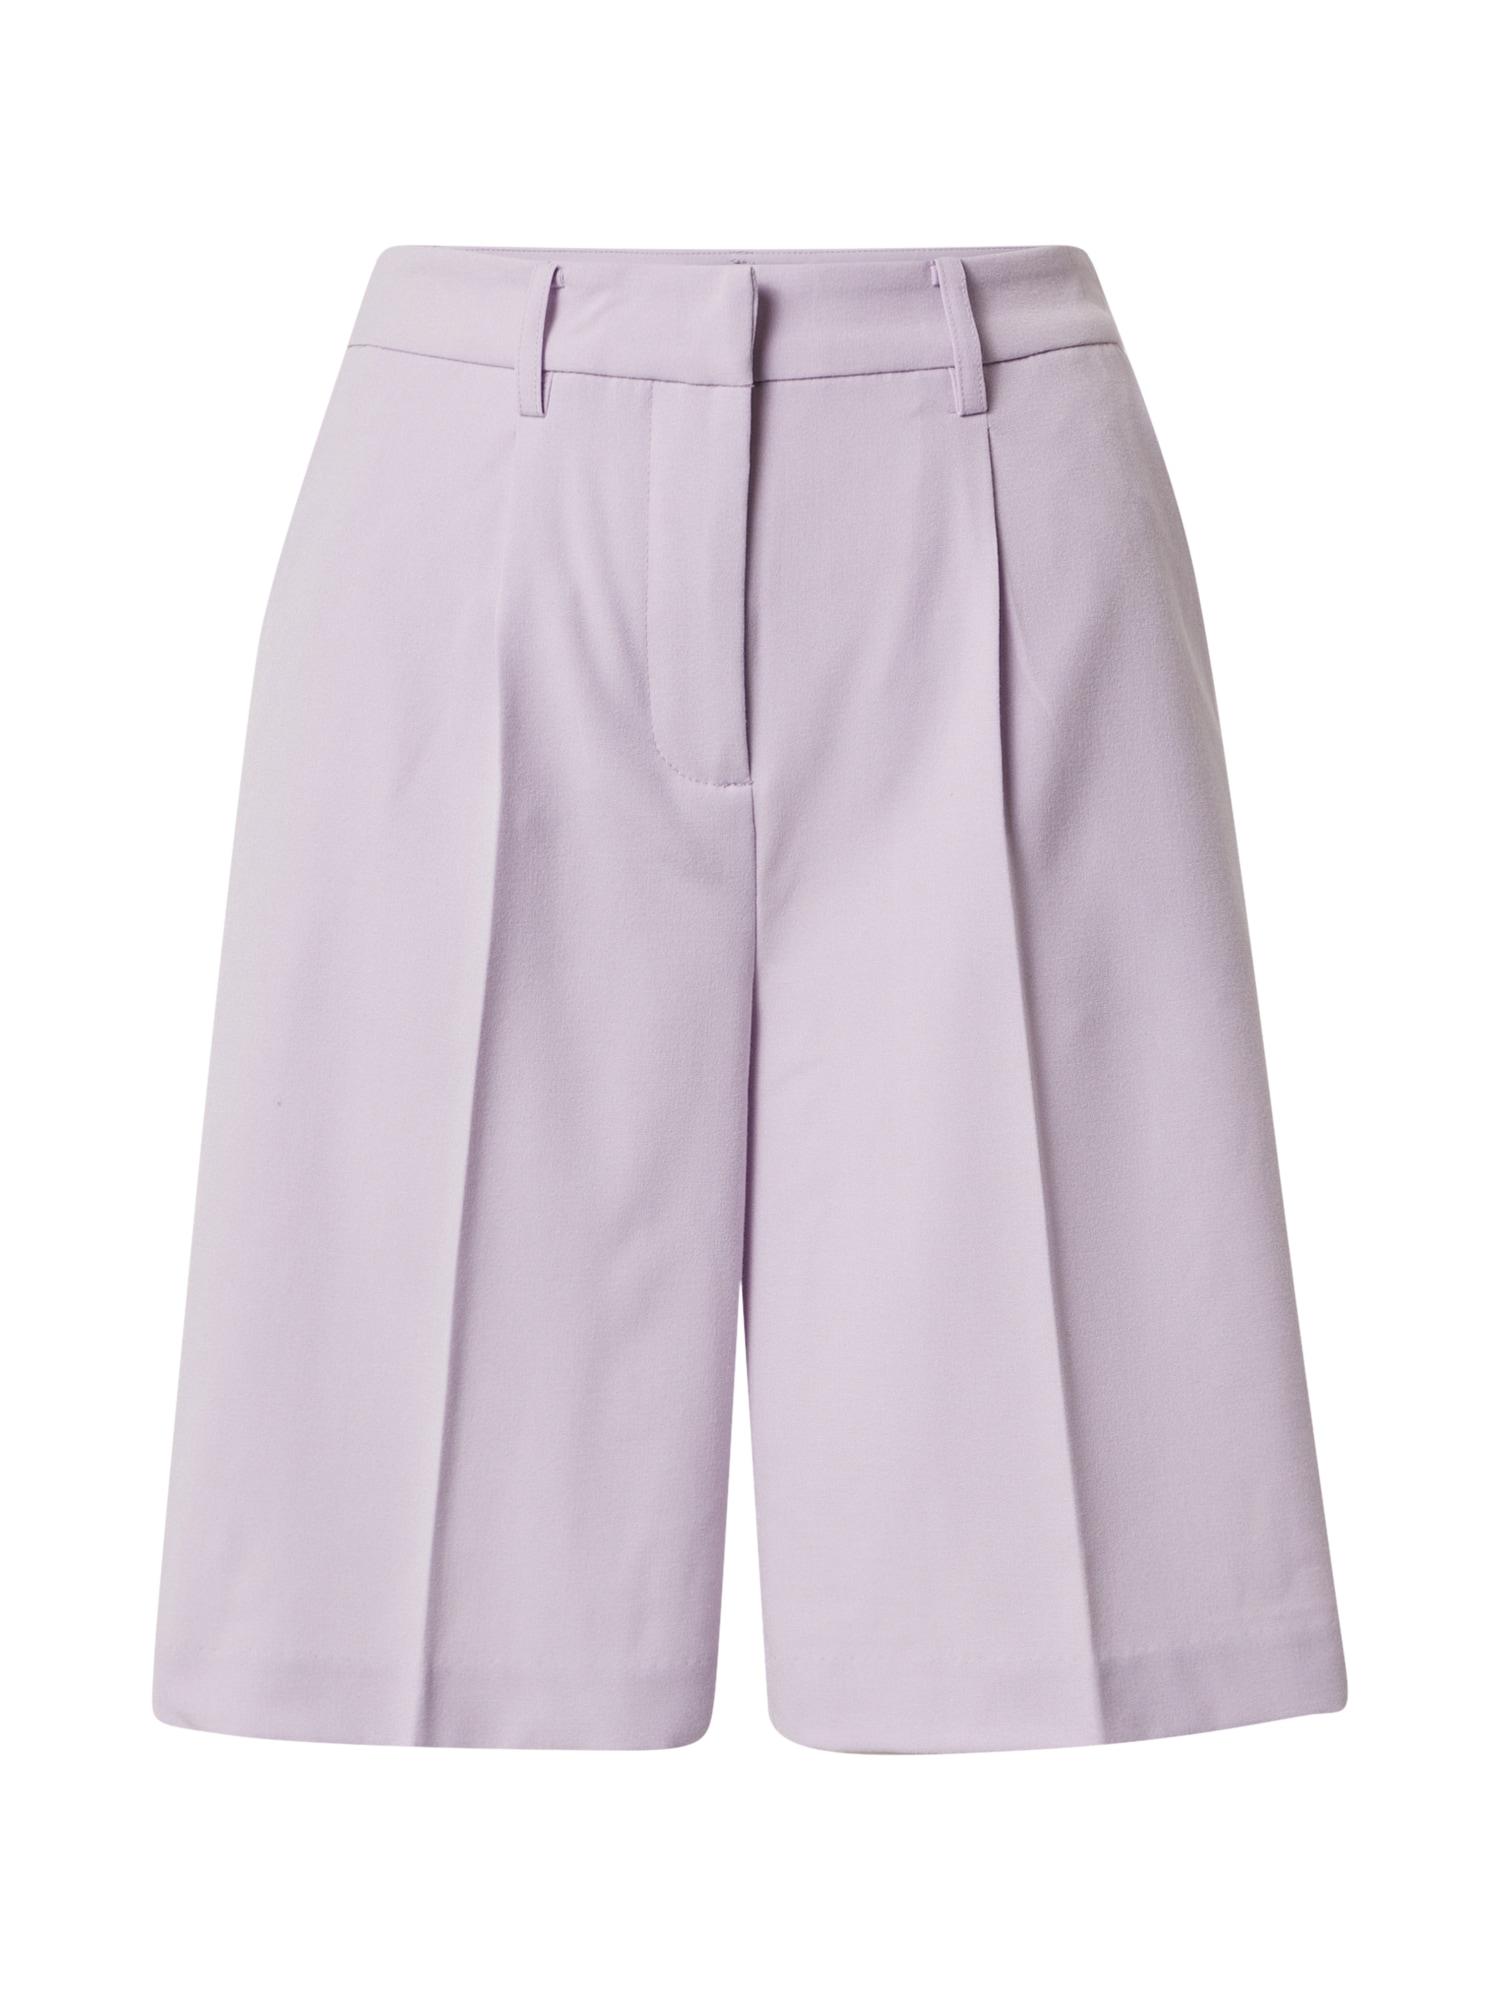 ICHI Klostuotos kelnės pastelinė violetinė